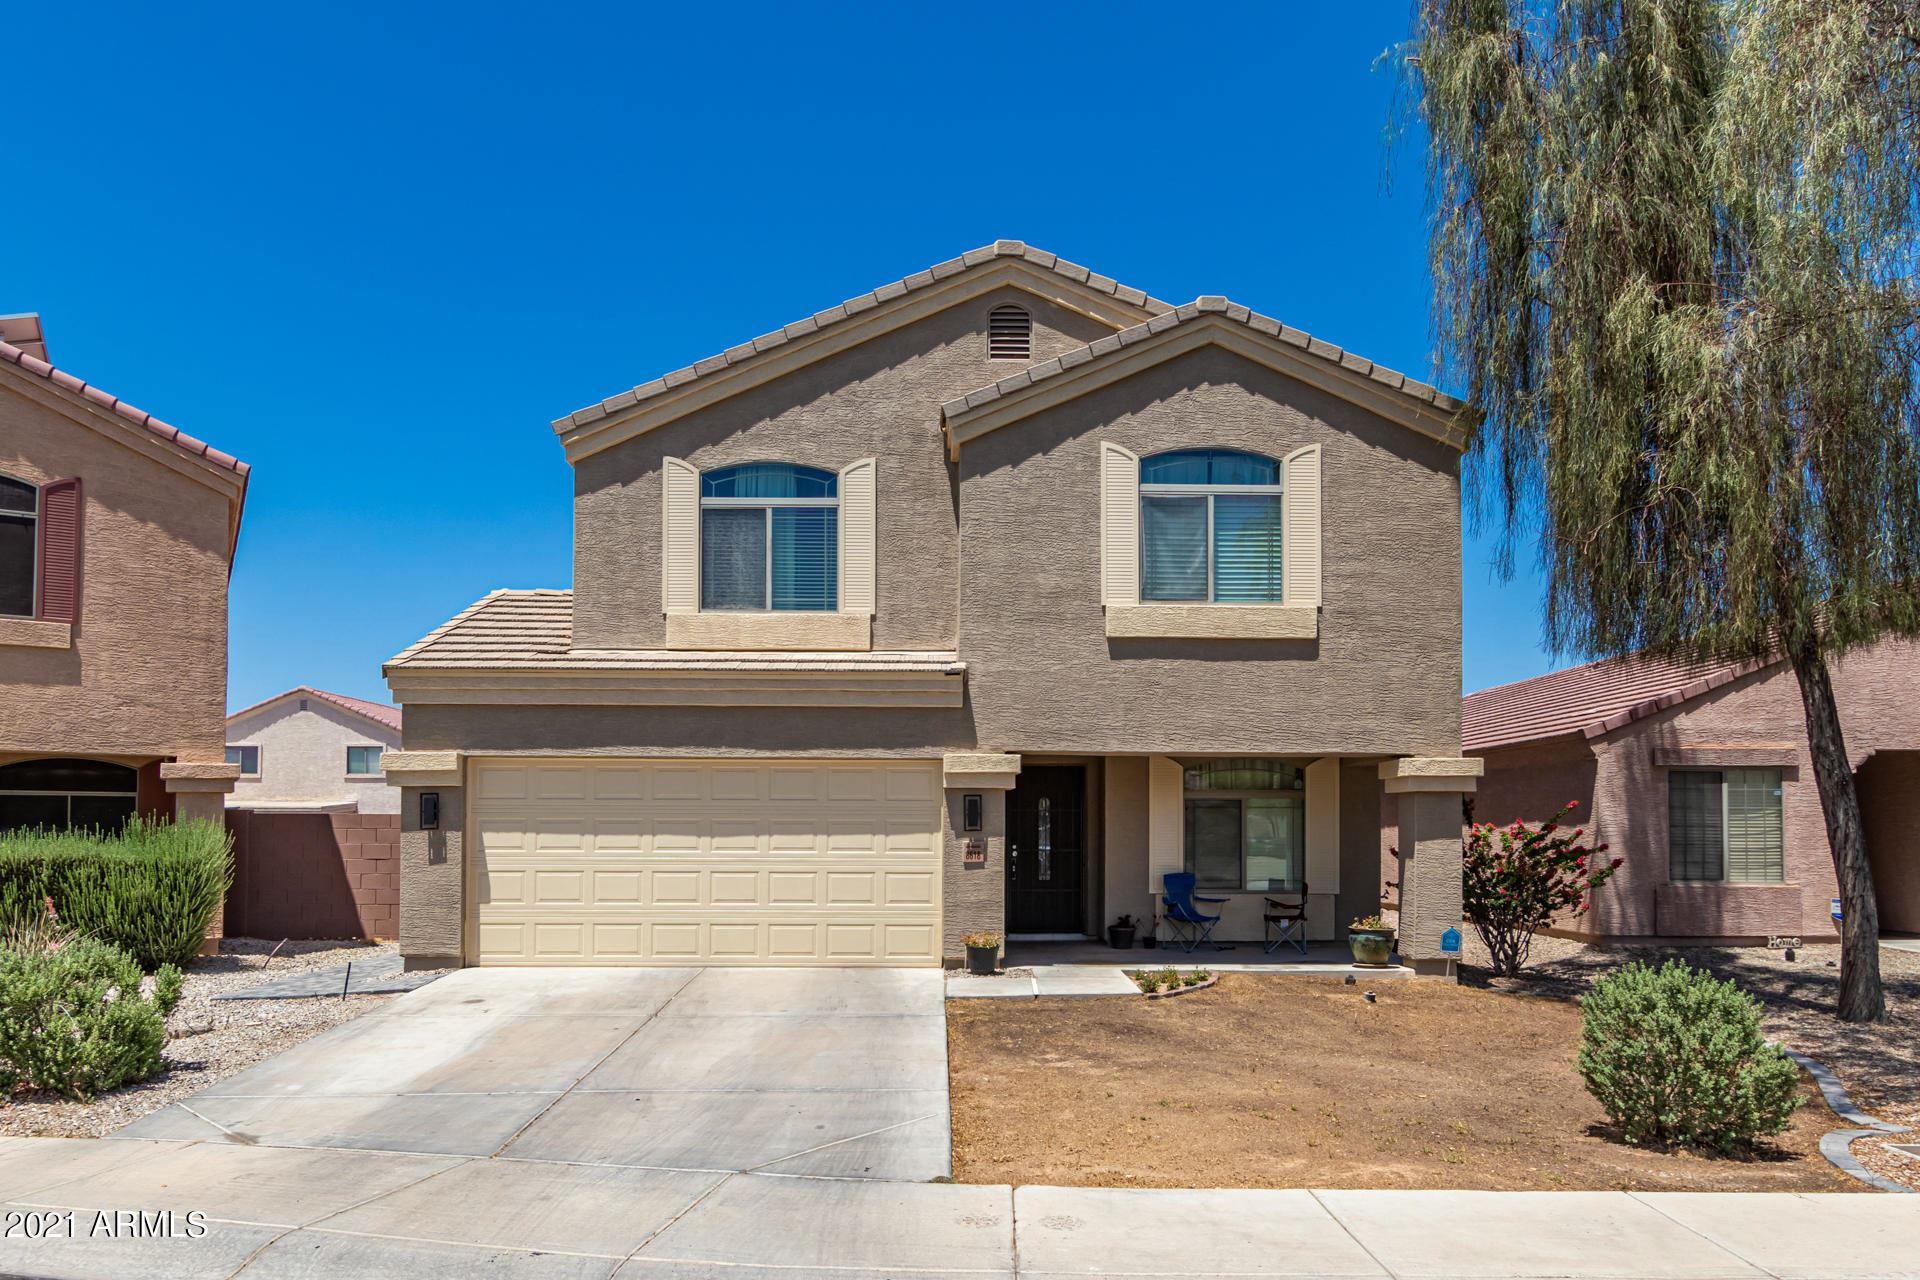 8618 W KINGMAN Street, Tolleson, AZ 85353 - MLS#: 6236367